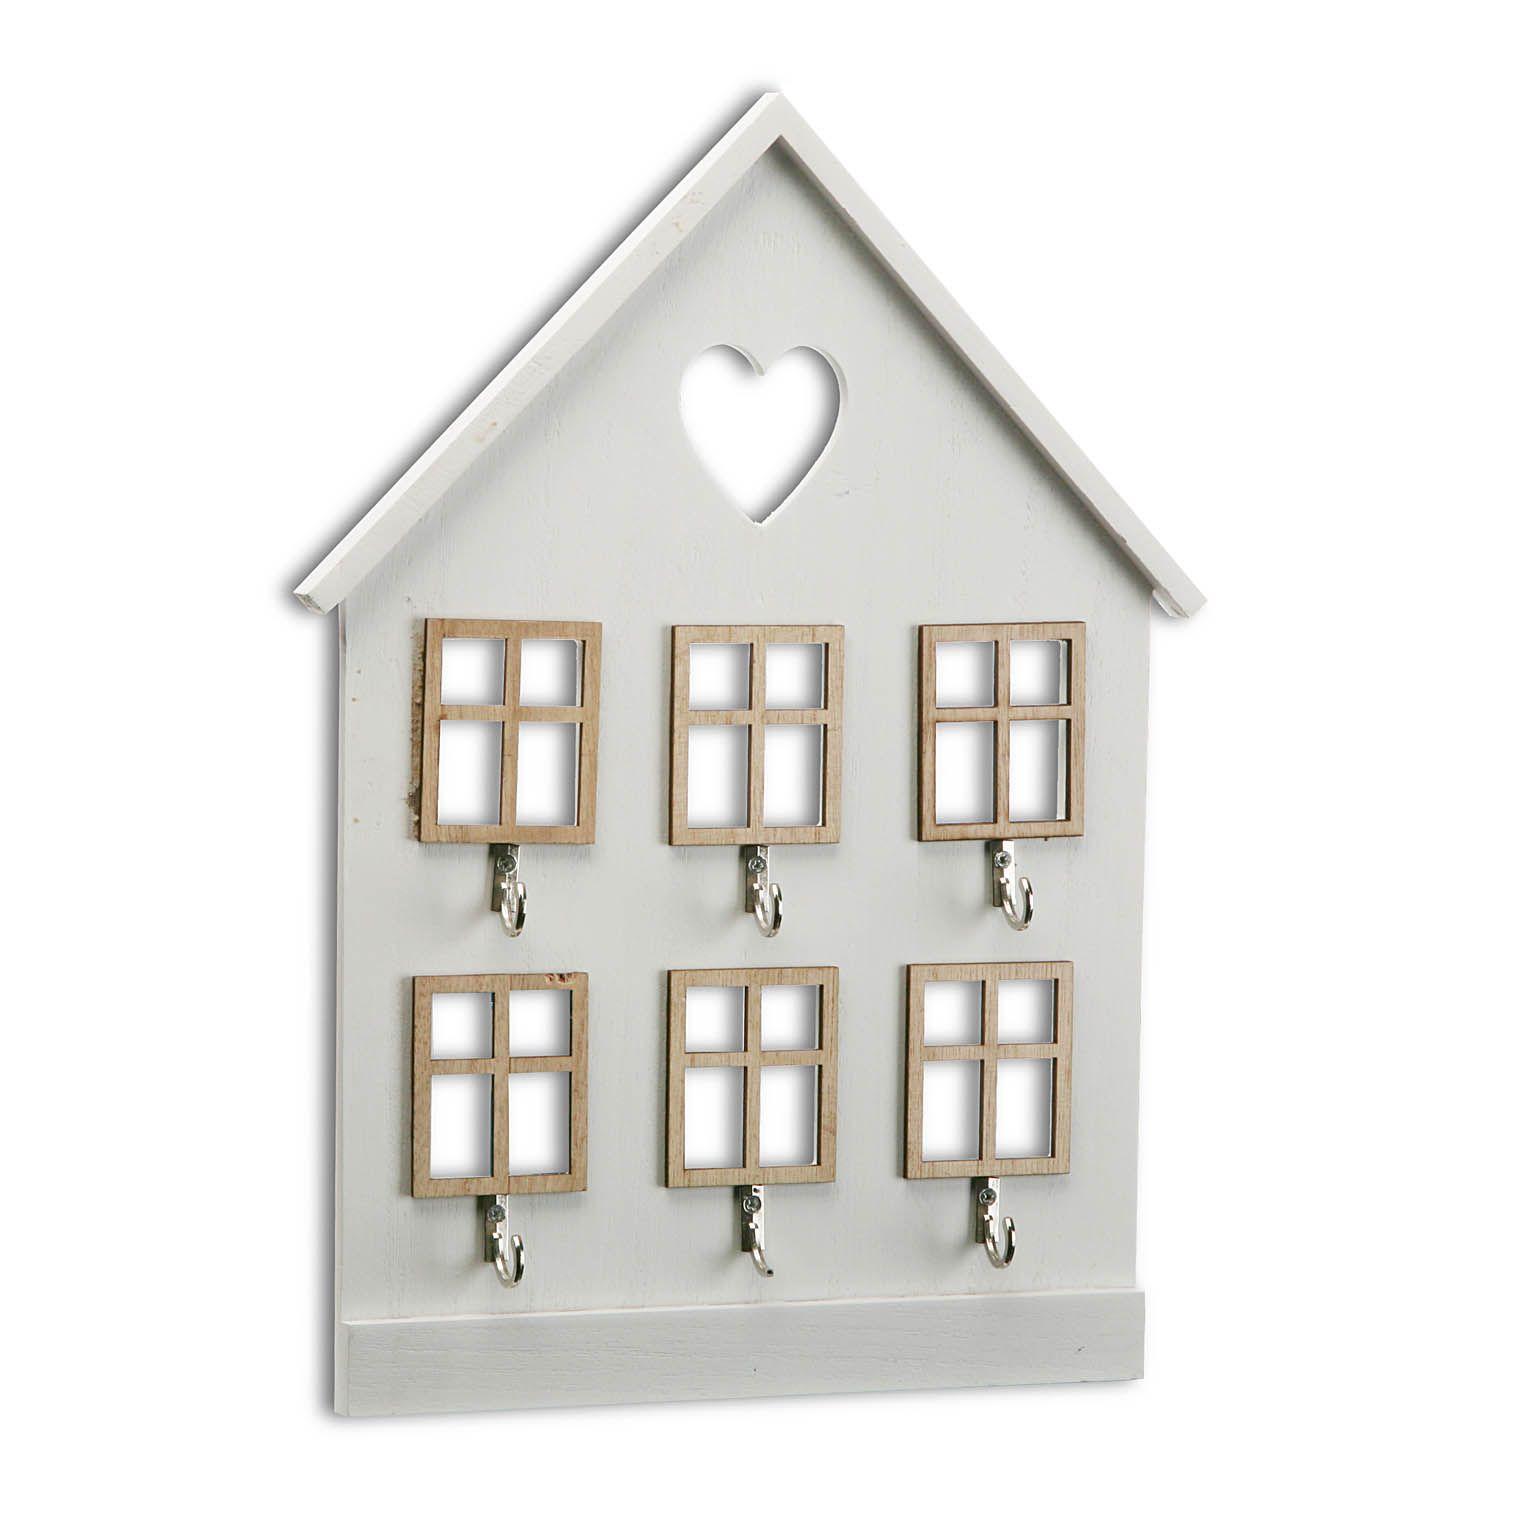 Cuelga llaves con forma de casita | llaves | Pinterest | Forma de ...